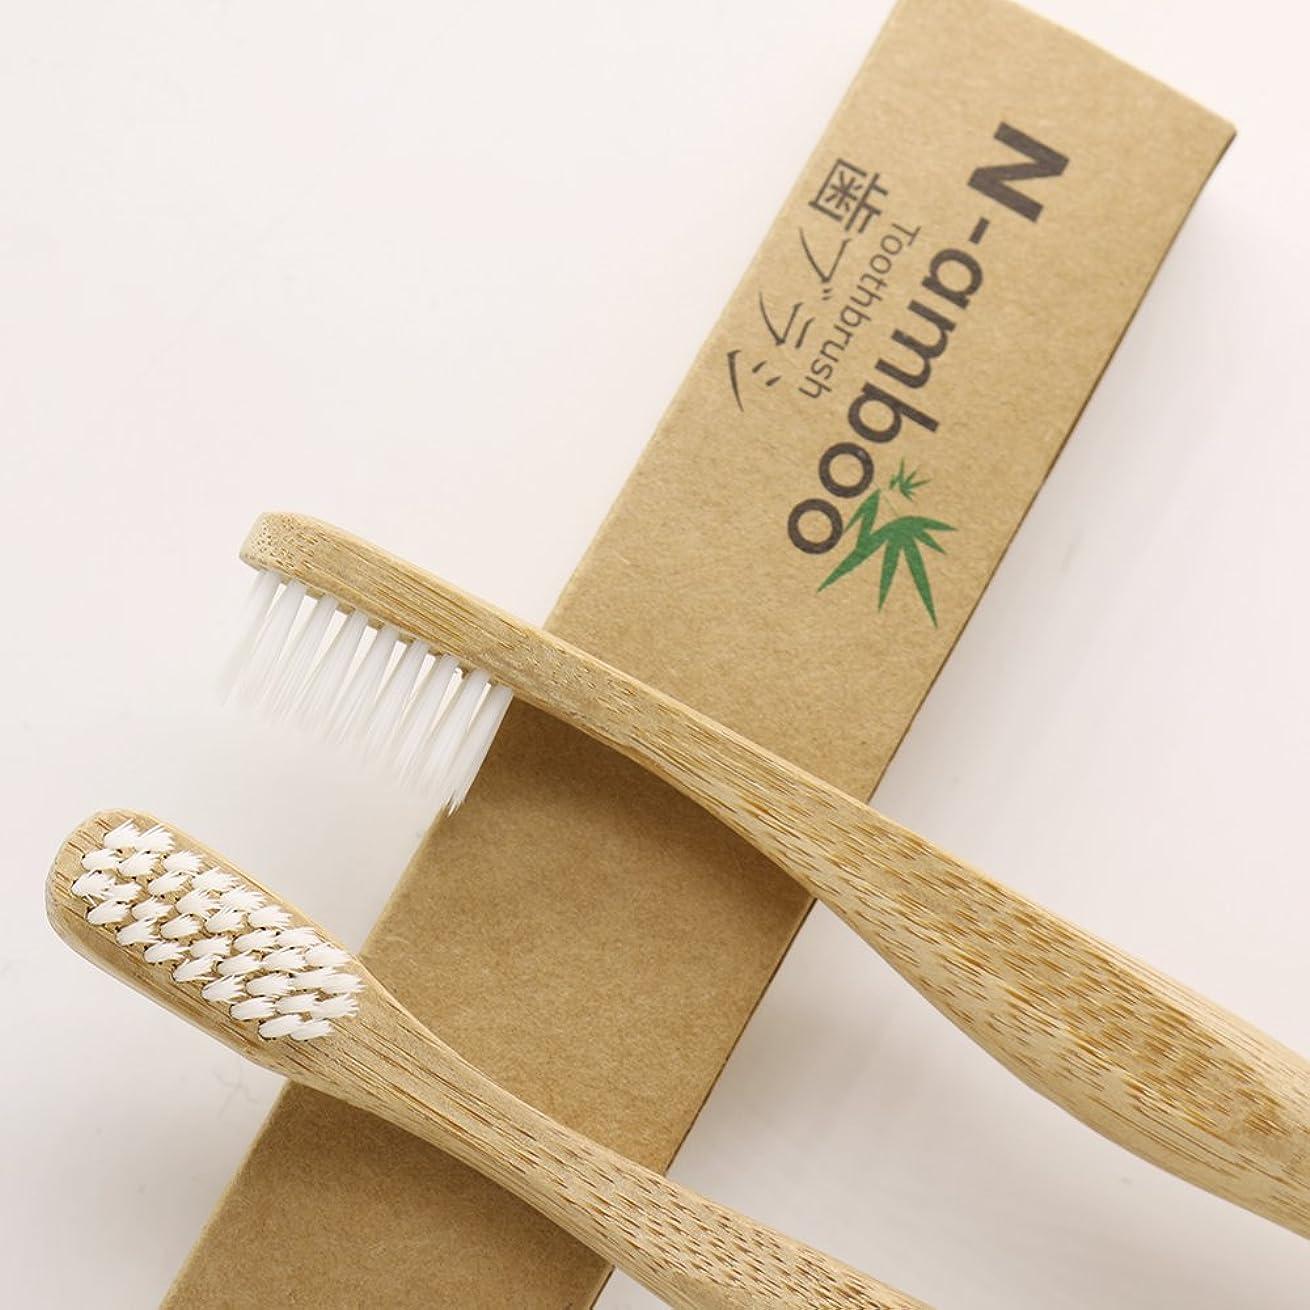 飛び込む約束する蒸し器N-amboo 竹製耐久度高い 歯ブラシ 2本入り セット ハンドル握りやすい 白い